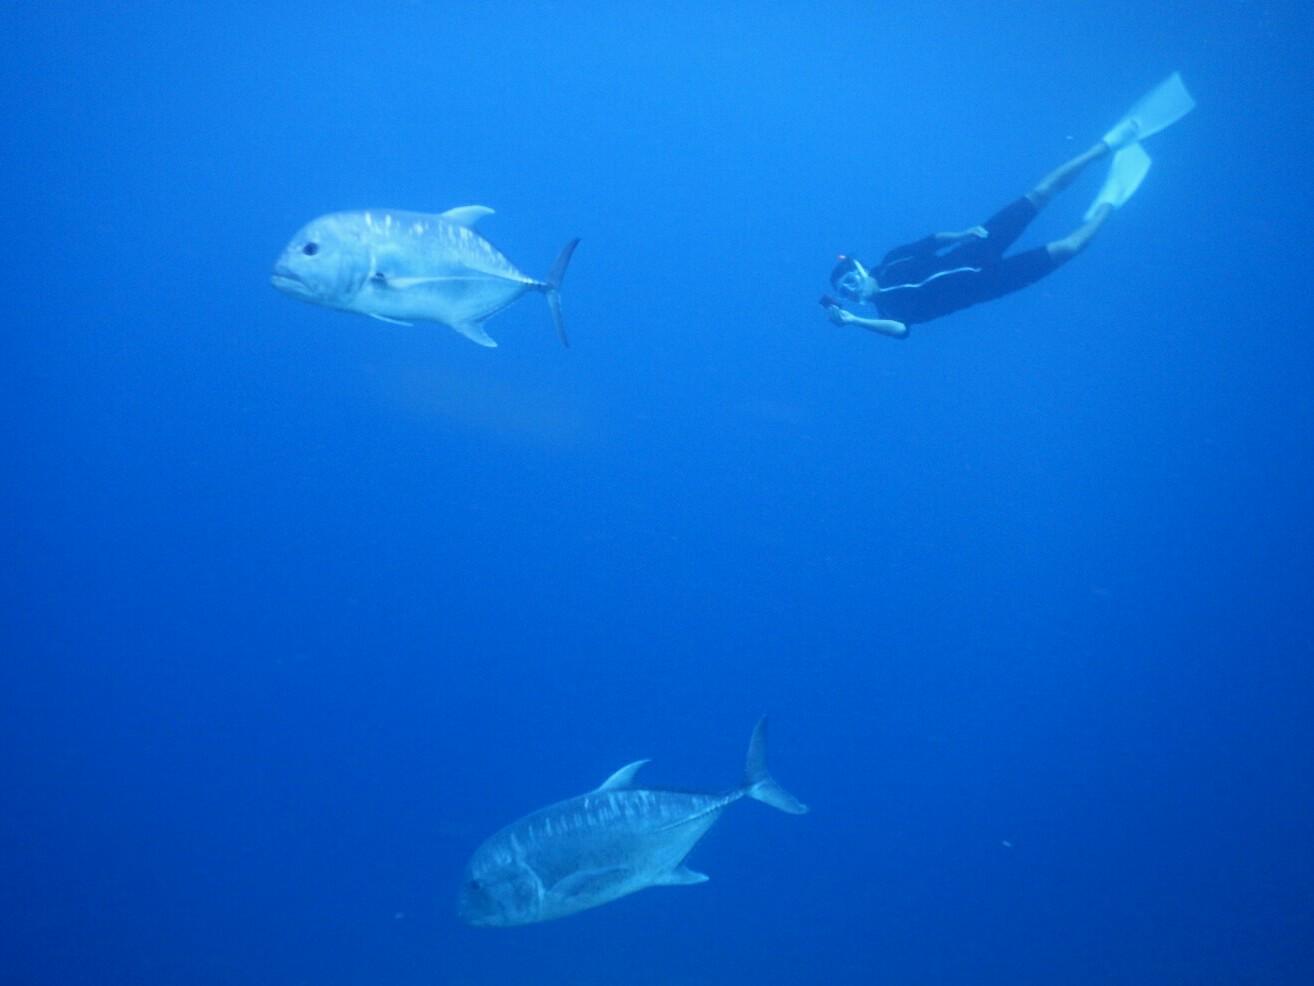 ウミガメではなくロウニンアジと泳ぐ